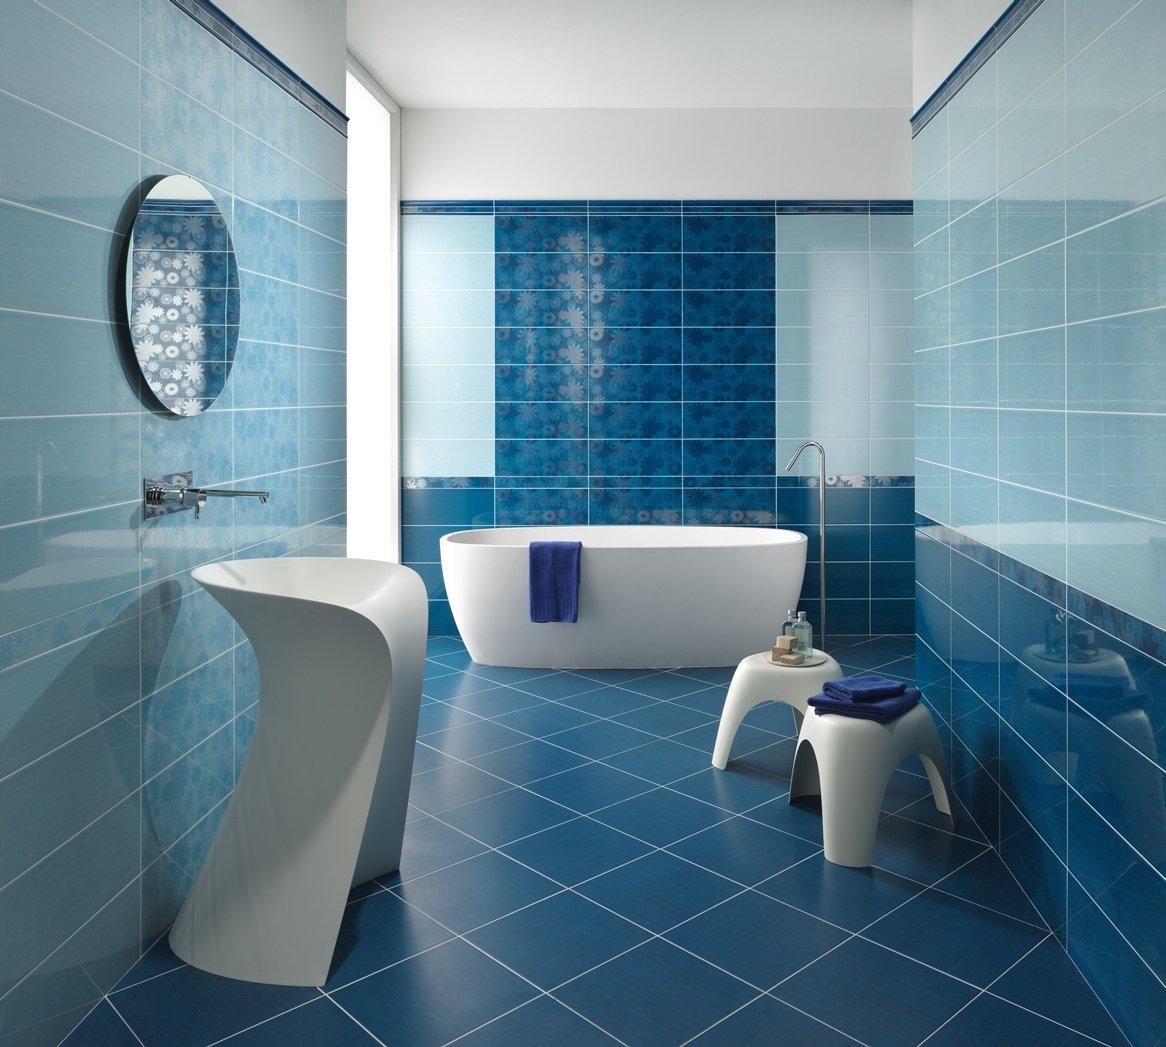 Аксессуары для голубой ванной комнаты